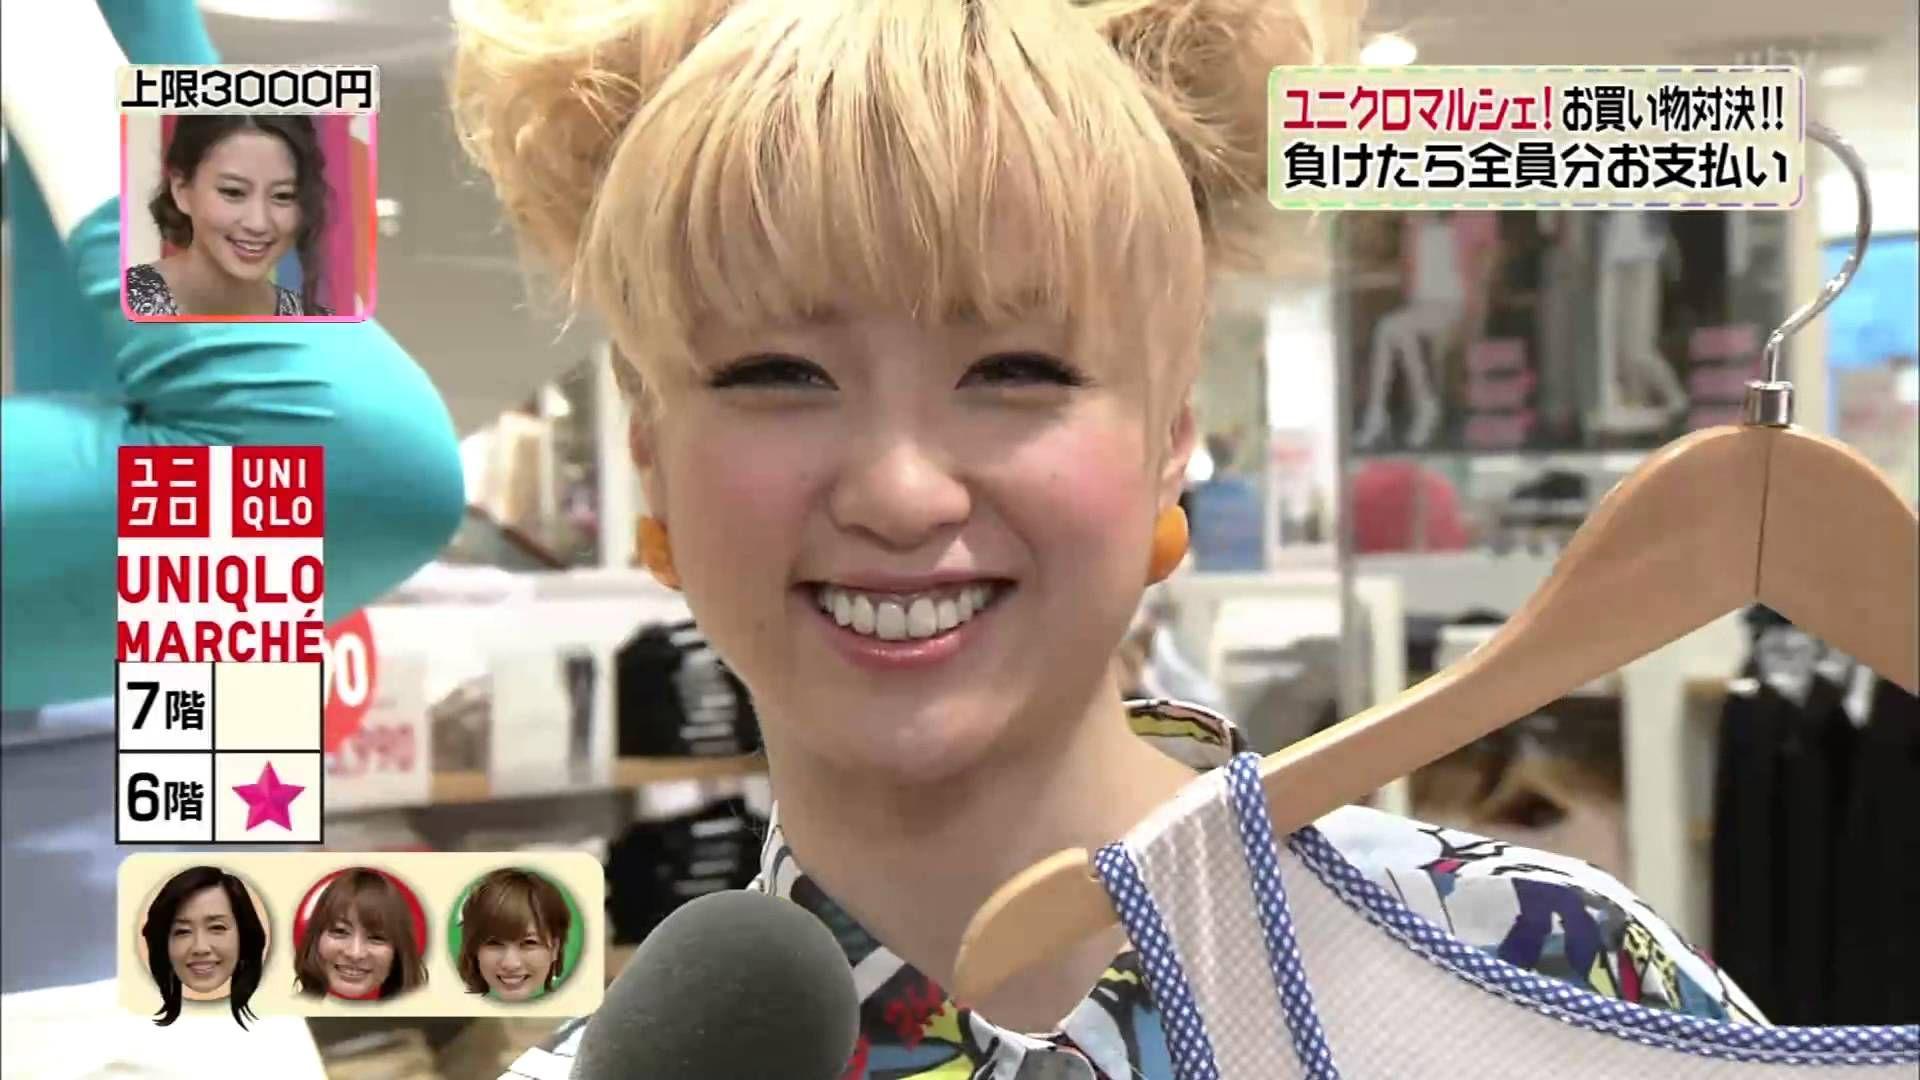 中島麻美 E-girls Dream Ami 中島麻未 - 大島麻衣のライバル対決 1/4Fw